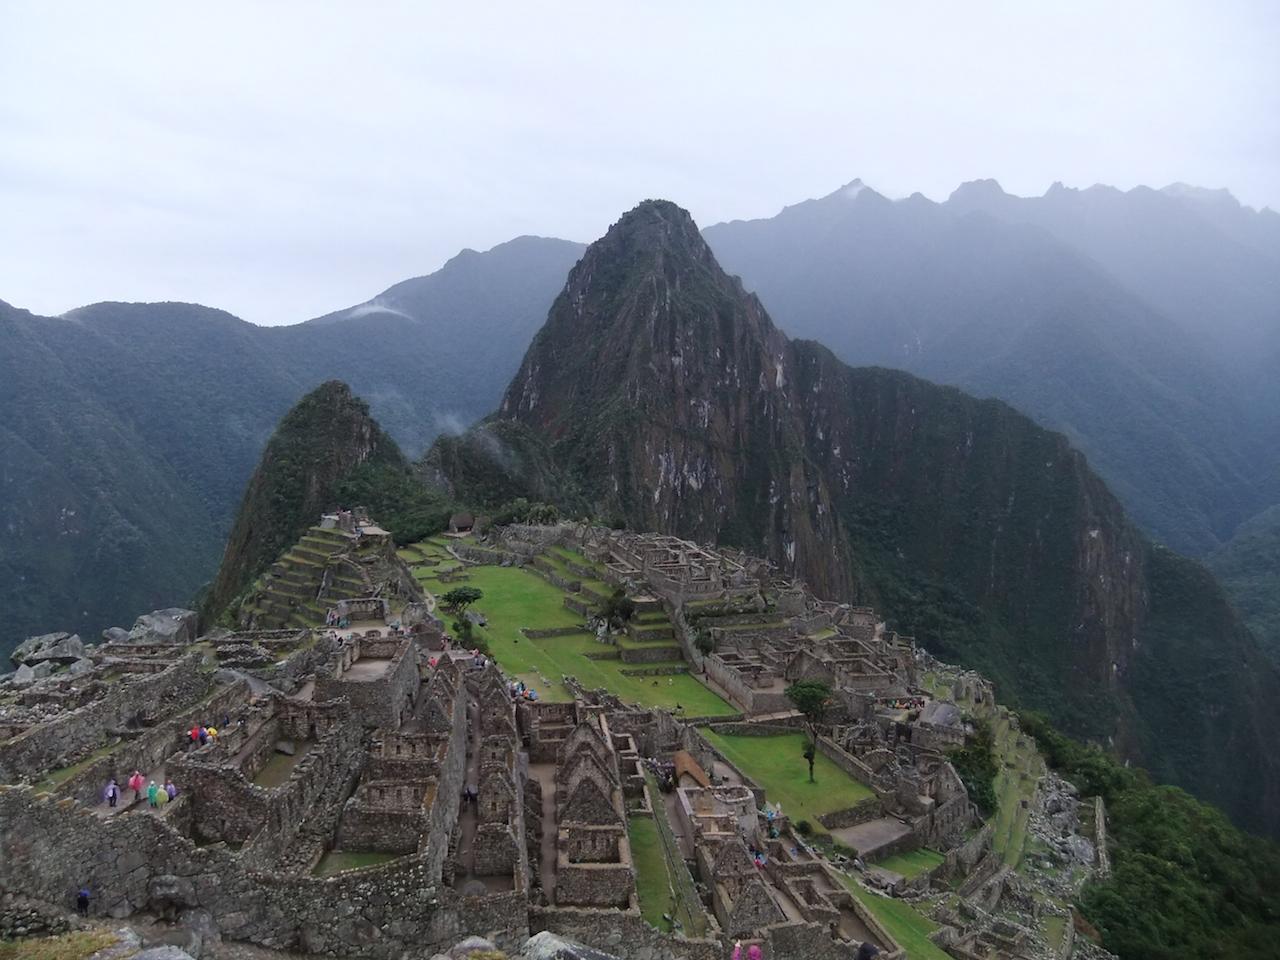 4 augustus 2011 Machu Picchu (2400m) en naar Cusco